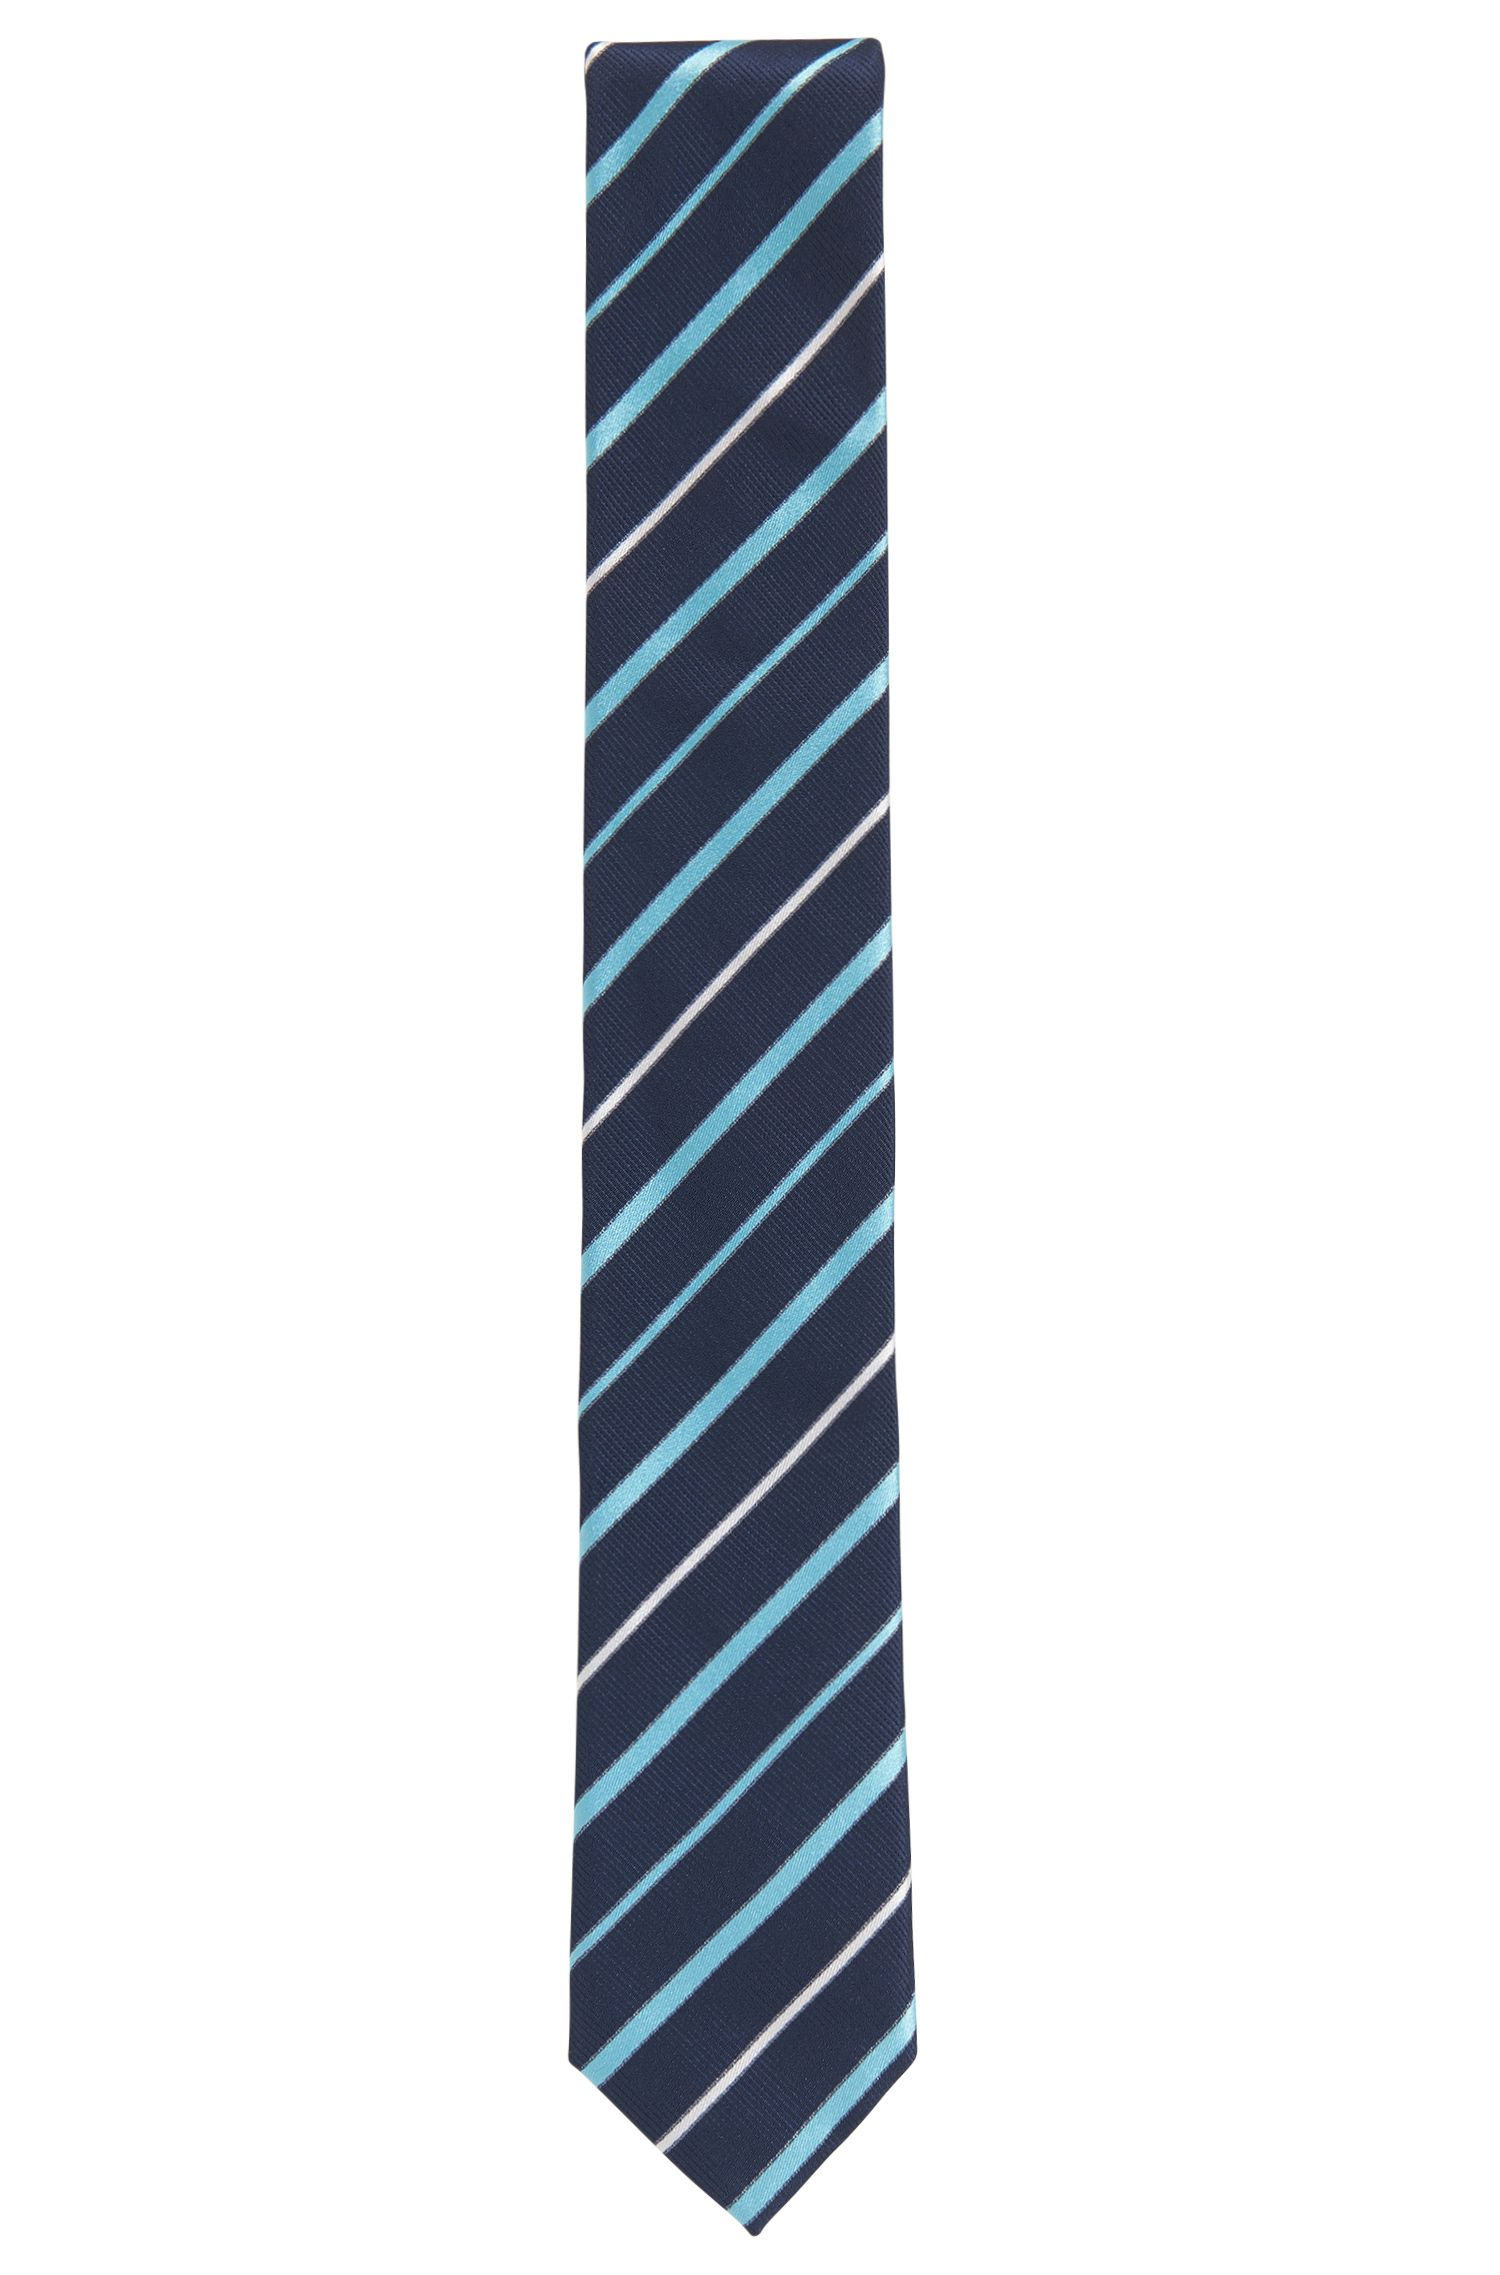 Cravatta a righe diagonali in jacquard di seta realizzata in Italia